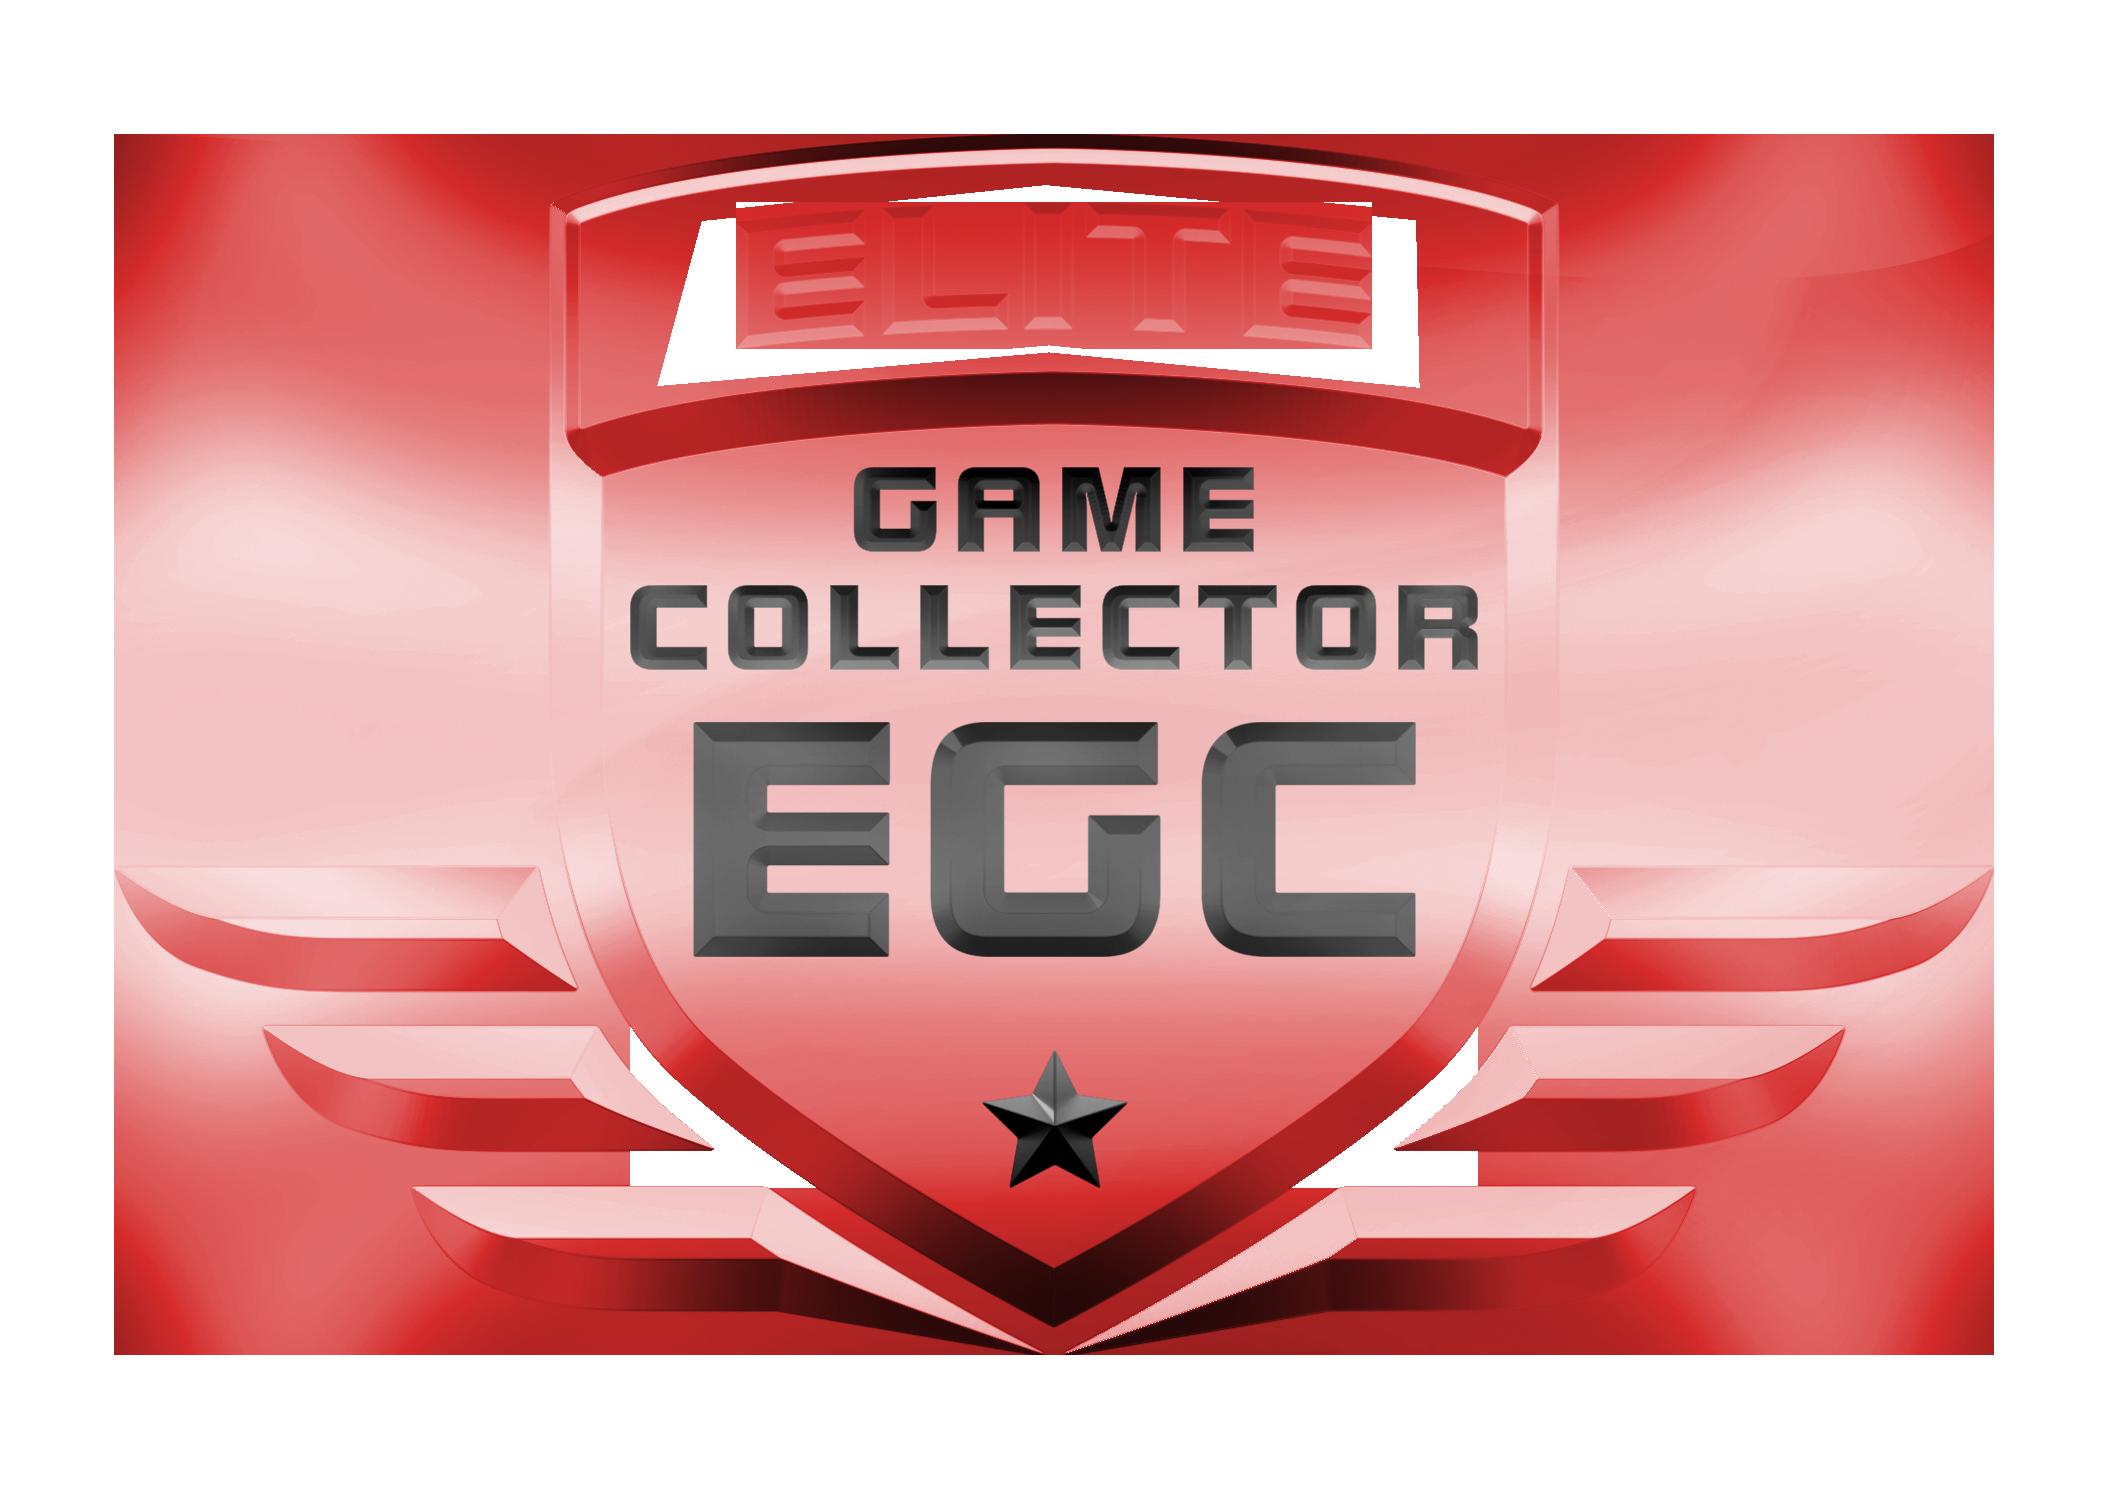 https://prismic-io.s3.amazonaws.com/fanatical/e18e3cb2-1073-44e2-a088-83f7e5aebdb2_GameCollectorBadge-4-ELITE+%281%29.png